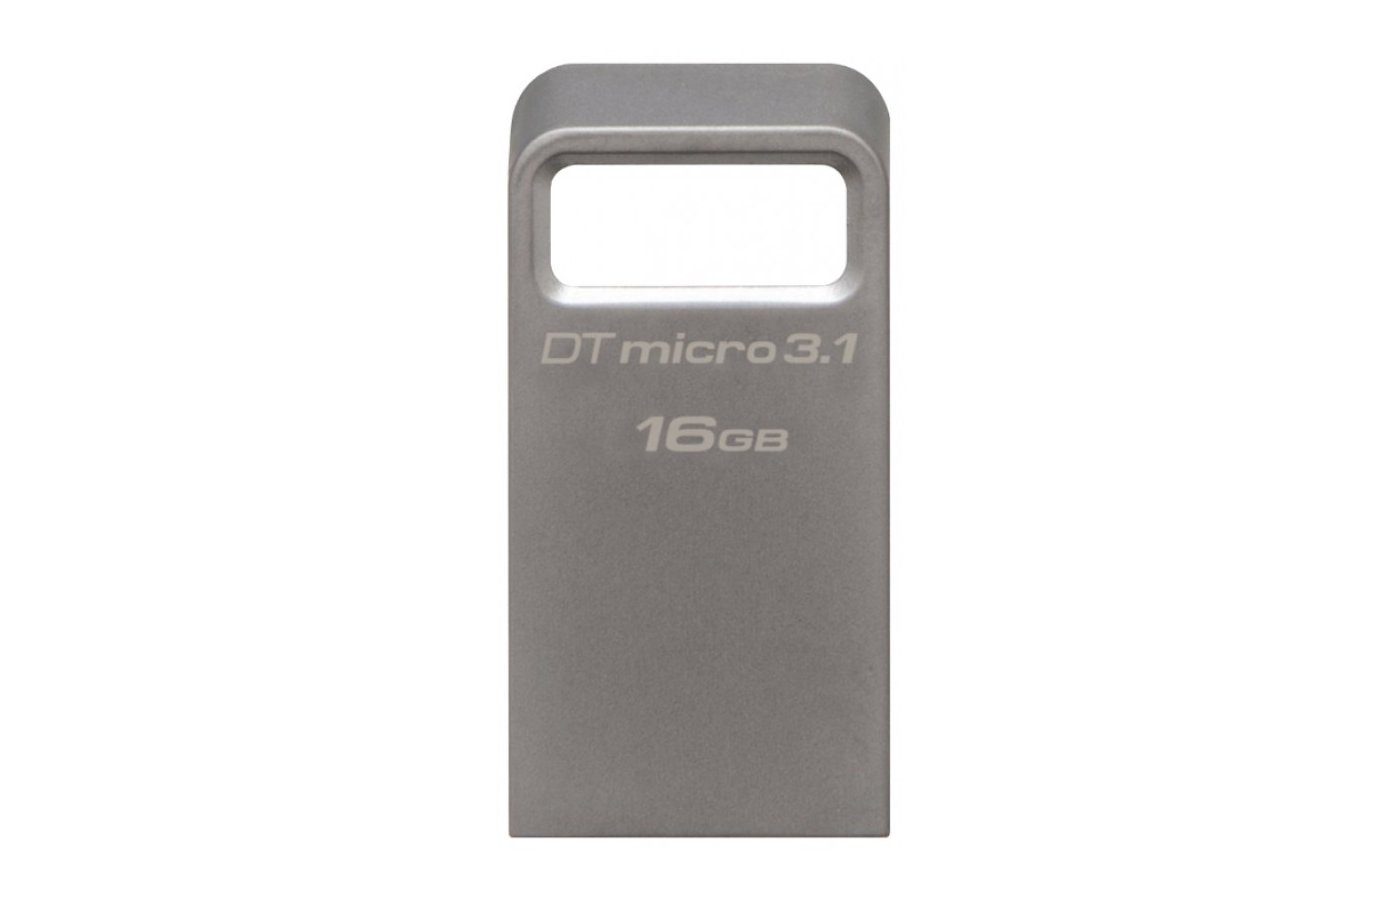 Флеш-диск Kingston 16Gb DataTraveler Micro 3.1 DTMC3/16GB USB3.1 серебристый